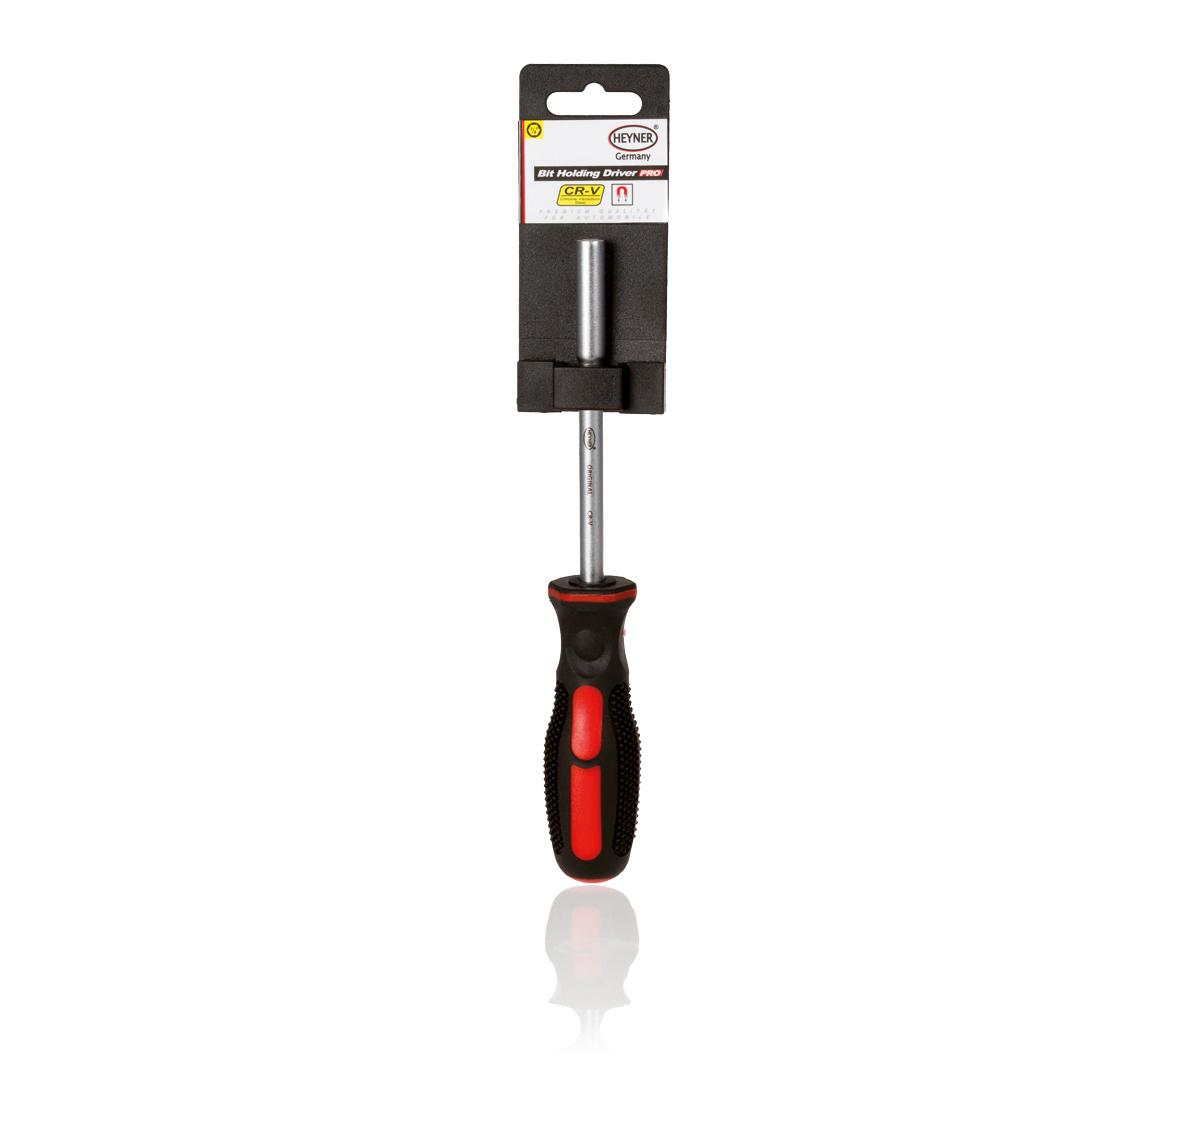 Отвертка-держатель для сменных бит Heyner98298130Отвертка-держатель для сменных бит, магнитный держатель. Эргономичная и не скользящая ручка.